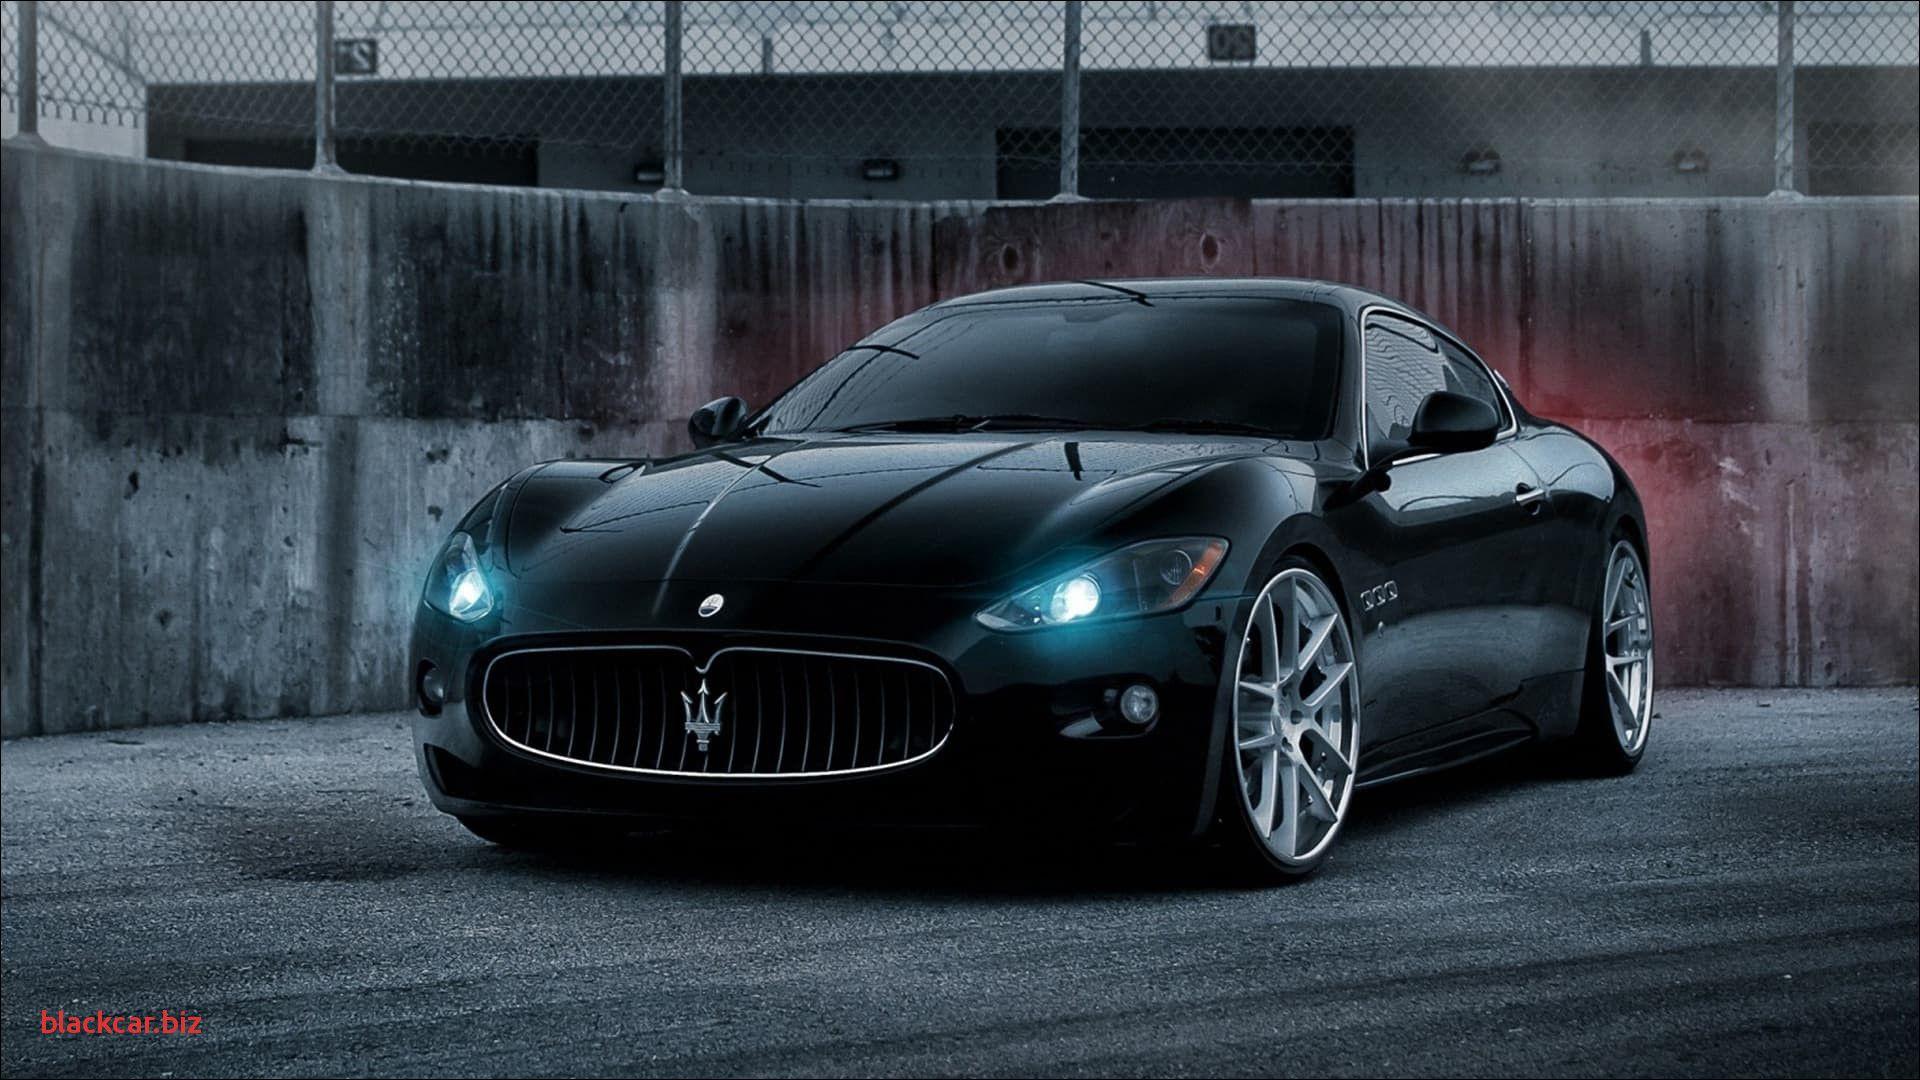 New Maserati Granturismo Wallpaper Pictures Maserati Granturismo